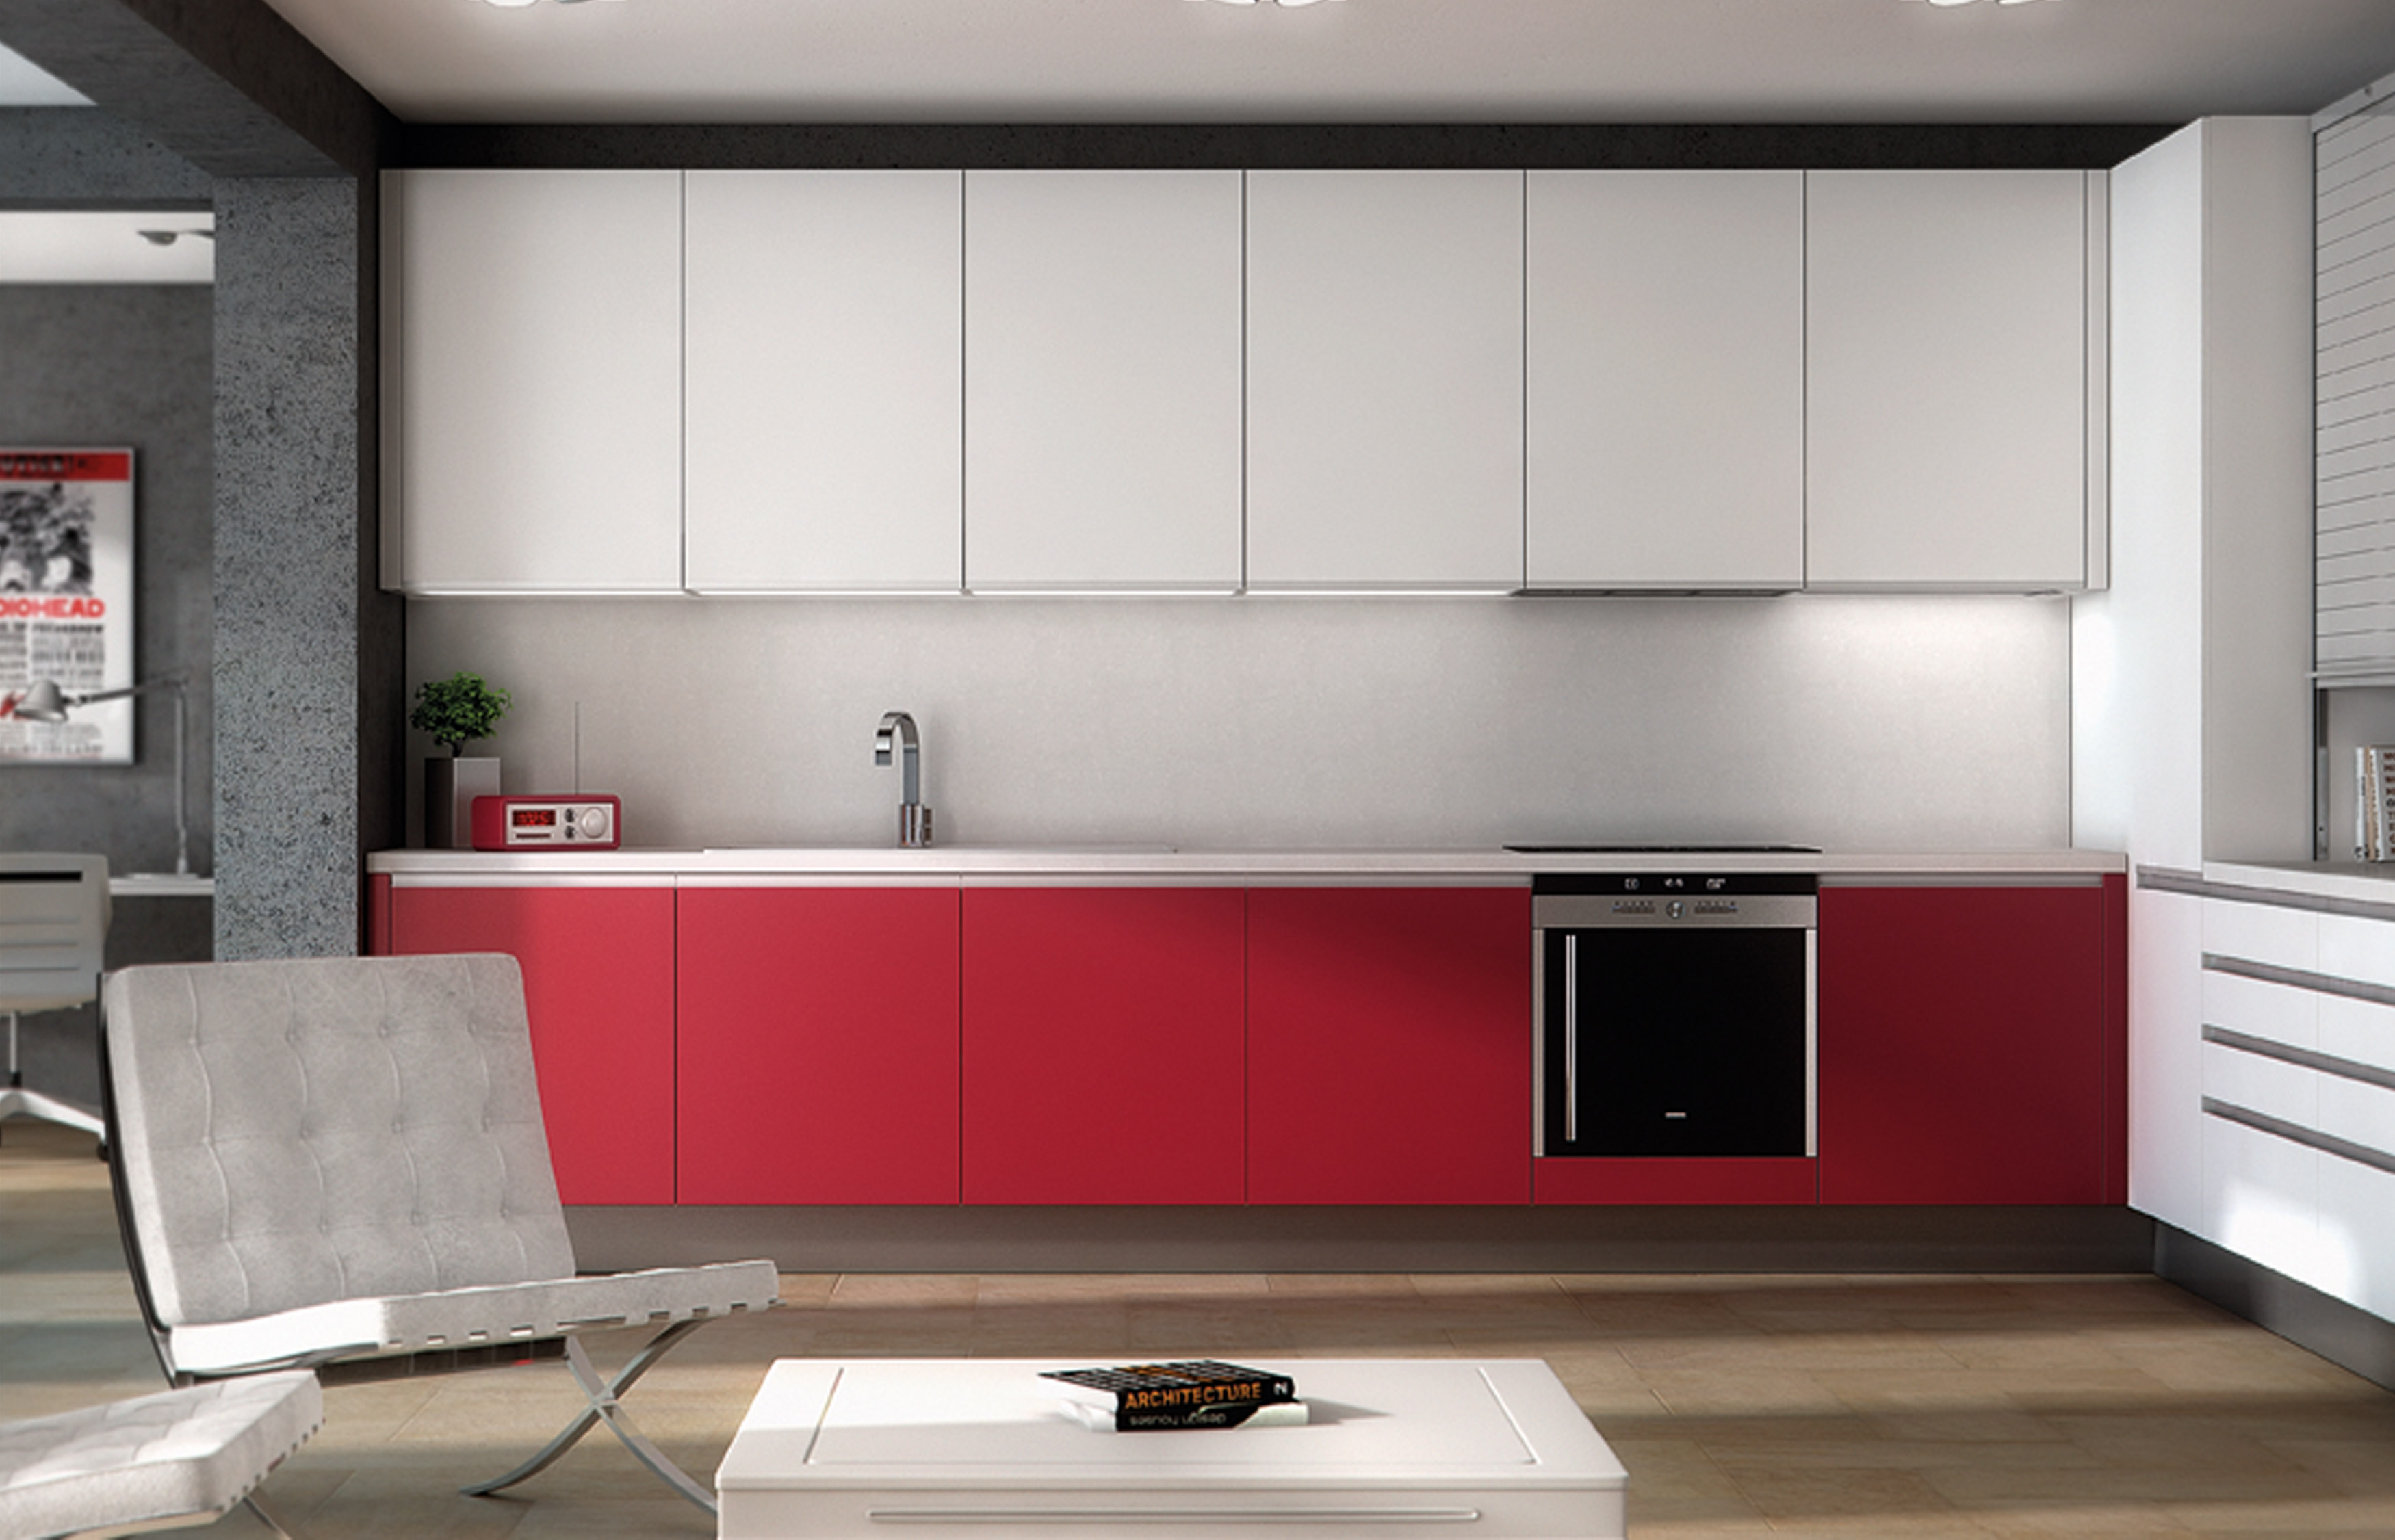 Modelo cinco muebles de cocina y ba o online en madrid for Muebles de cocina online